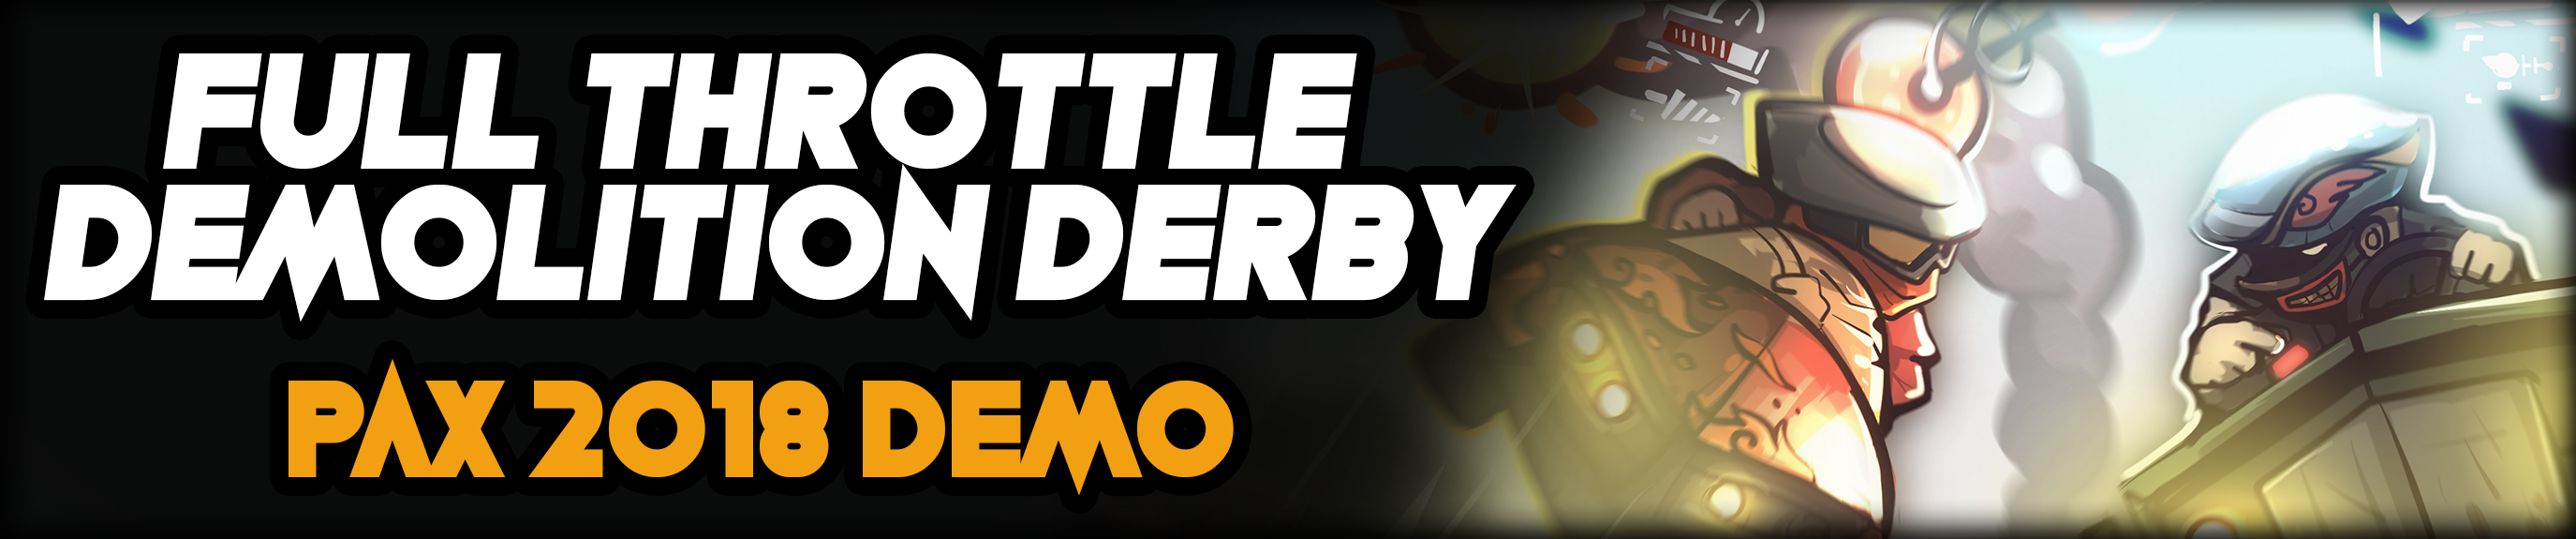 Full Throttle Demolition Derby (PAX DEMO)